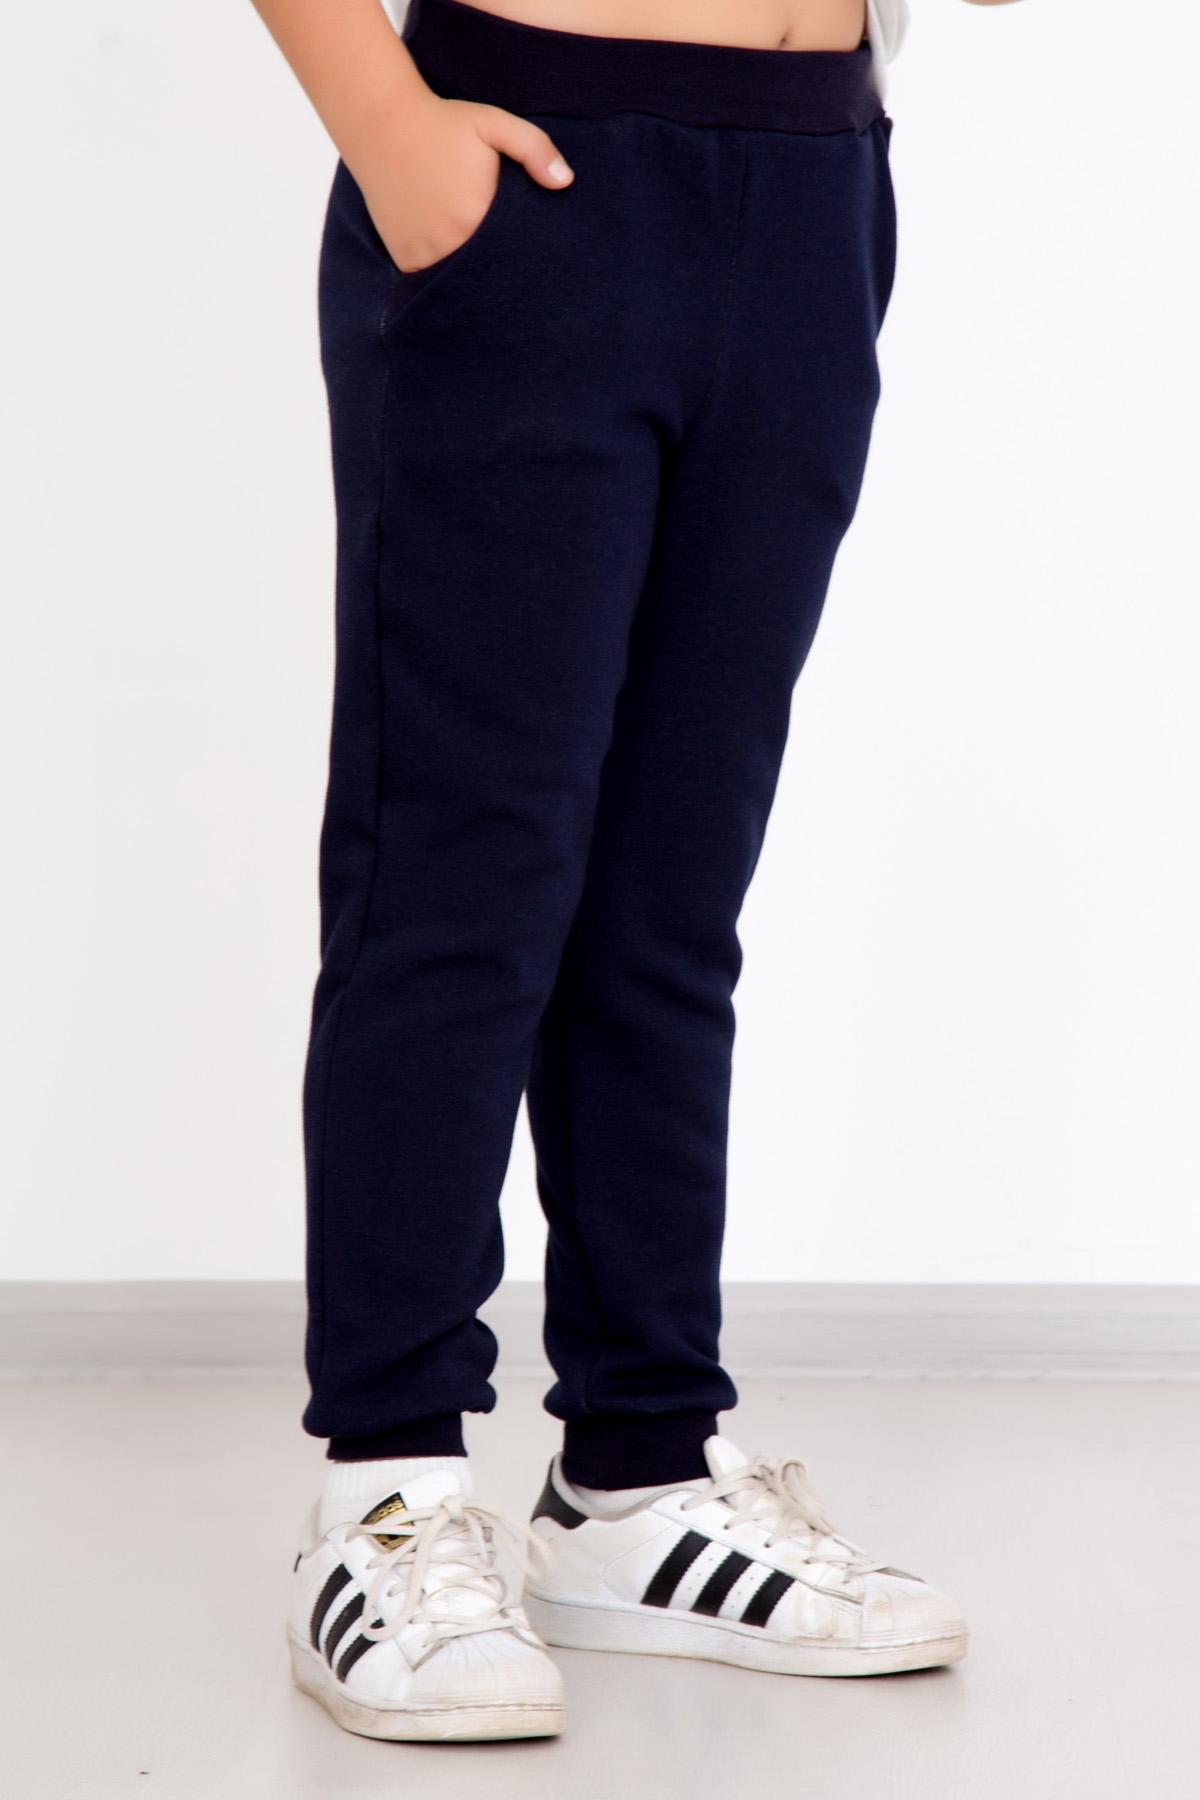 Дет. брюки Спринт р. 30Распродажа товаров<br><br><br>Тип: Дет. брюки<br>Размер: 30<br>Материал: Интерсофт